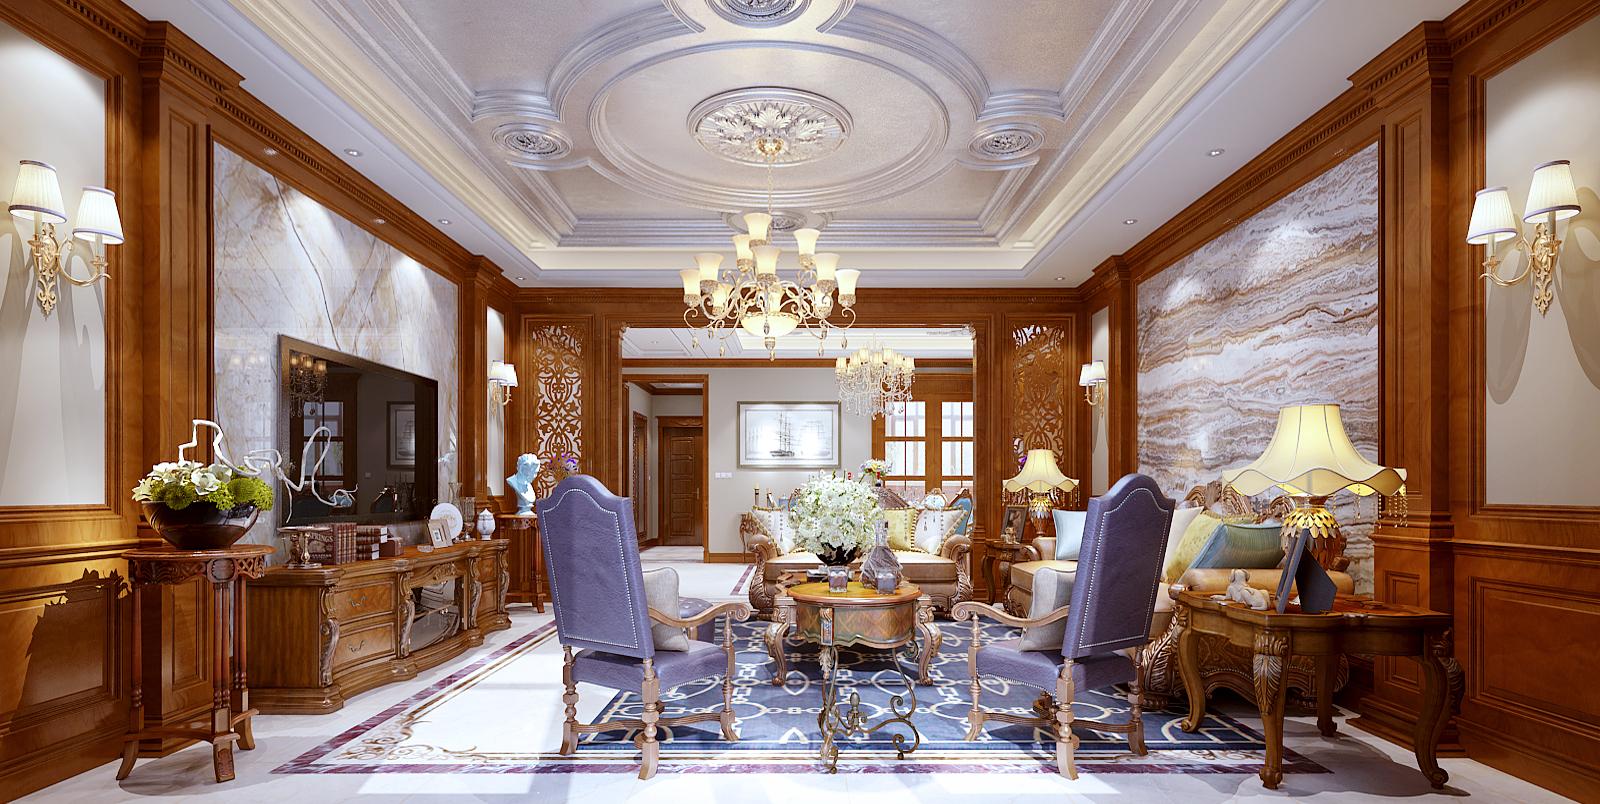 别墅装修设计丨欧式奢华装饰,向钱看的装修风格